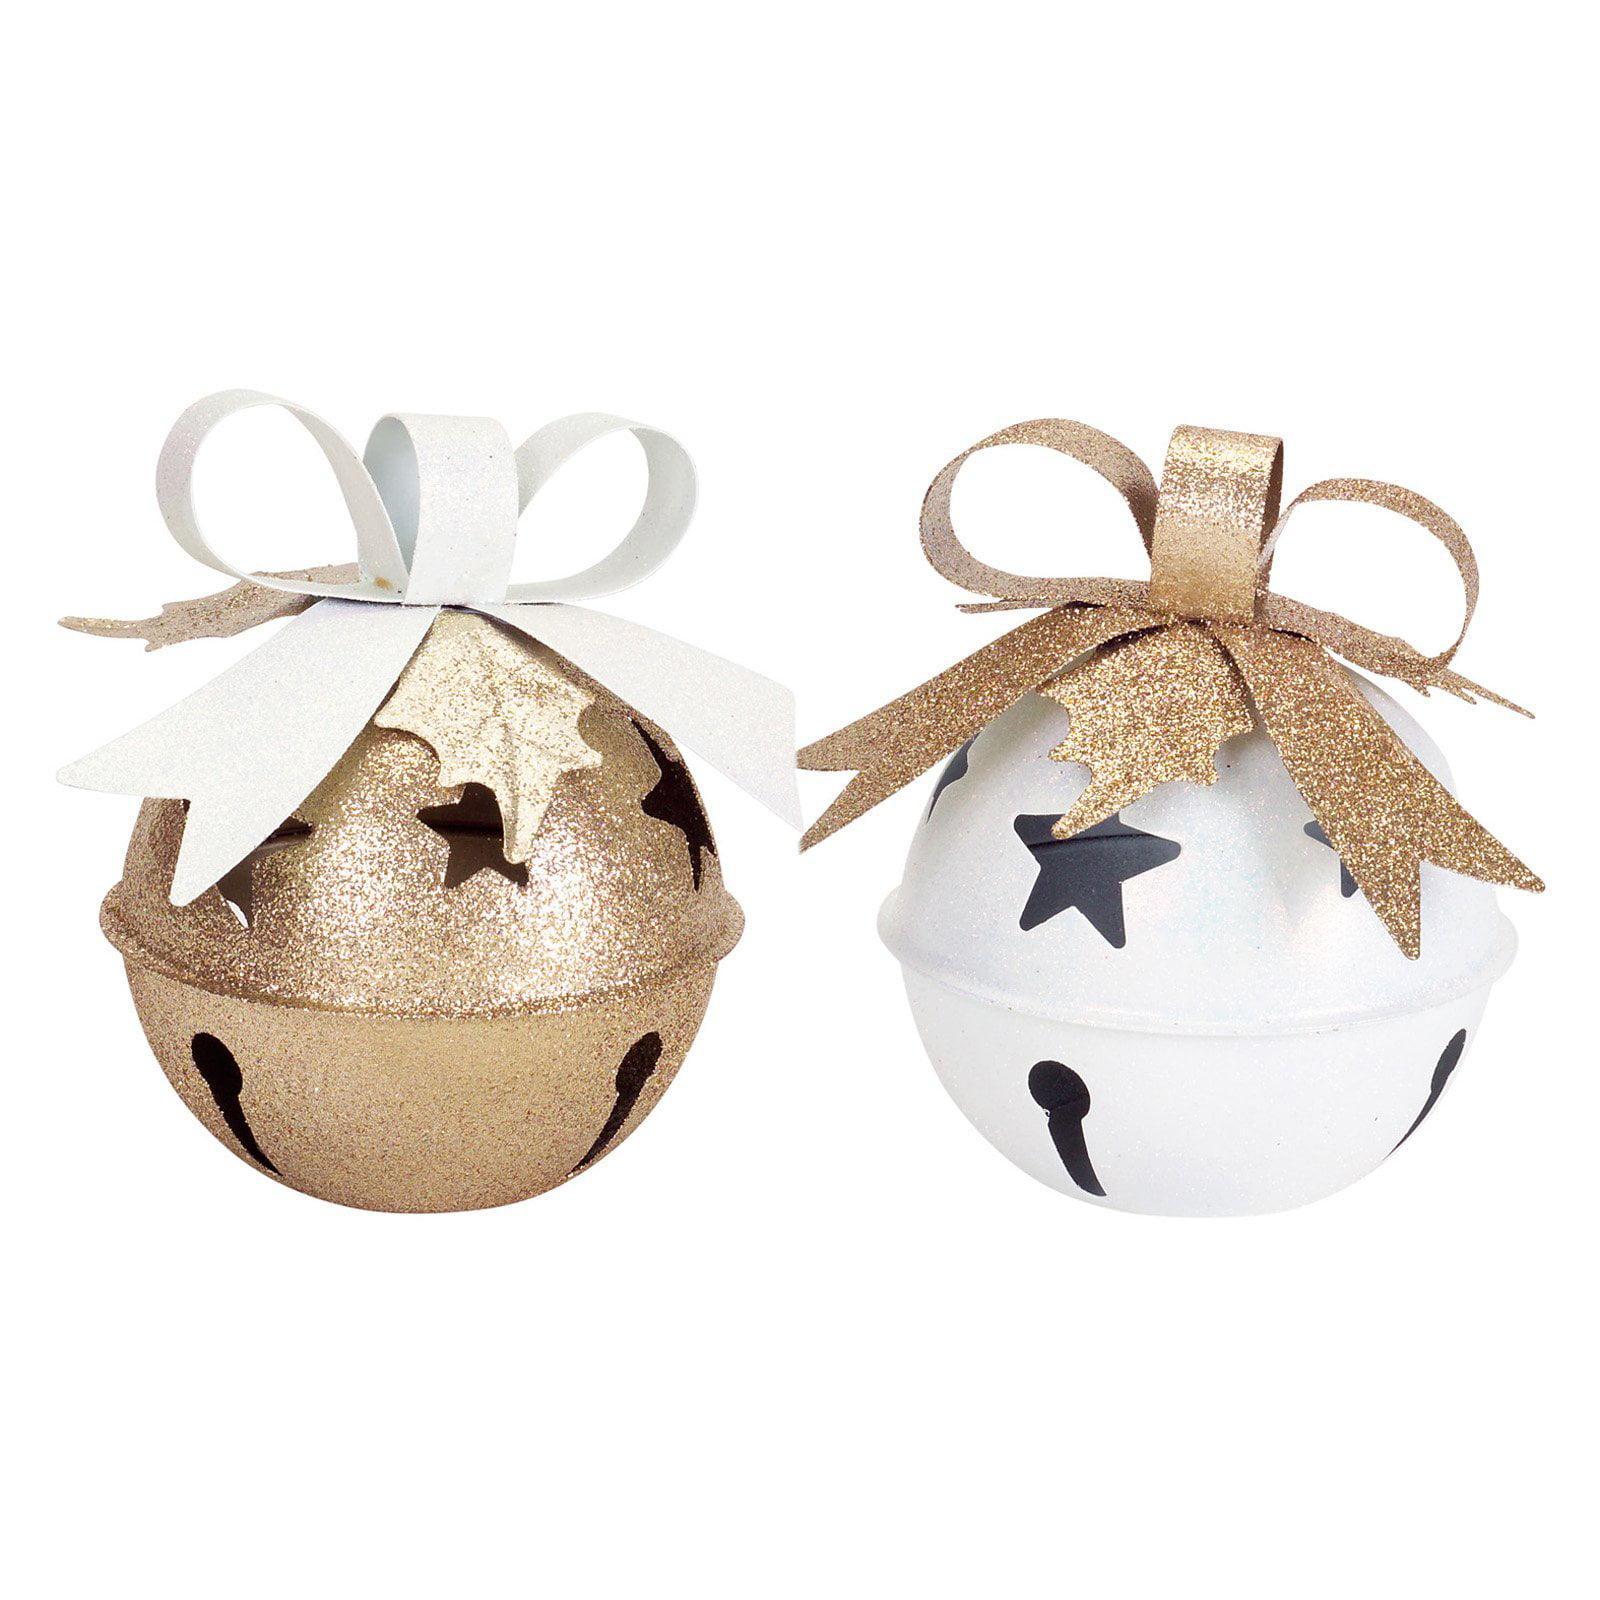 Melrose 7.5 in. Jingle Bell Tea Light Holder Set